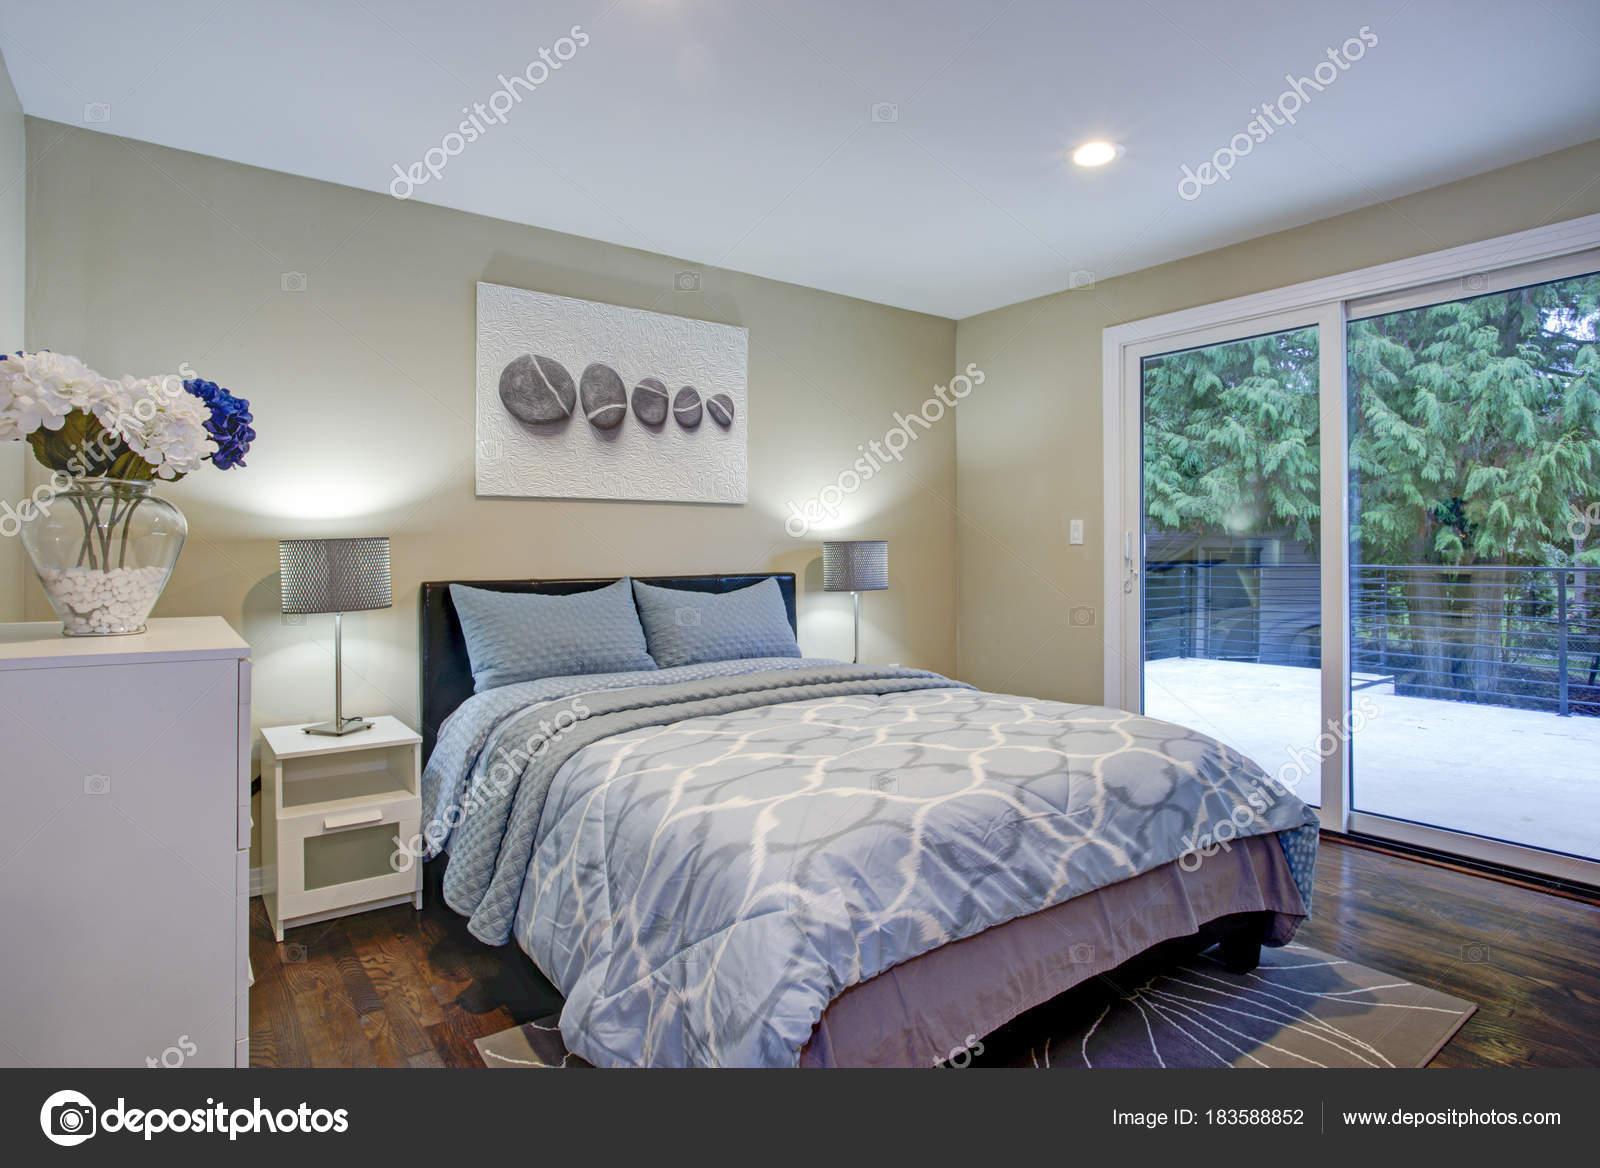 Secondo piano camera da letto con letto di pareti color tortora, blu ...